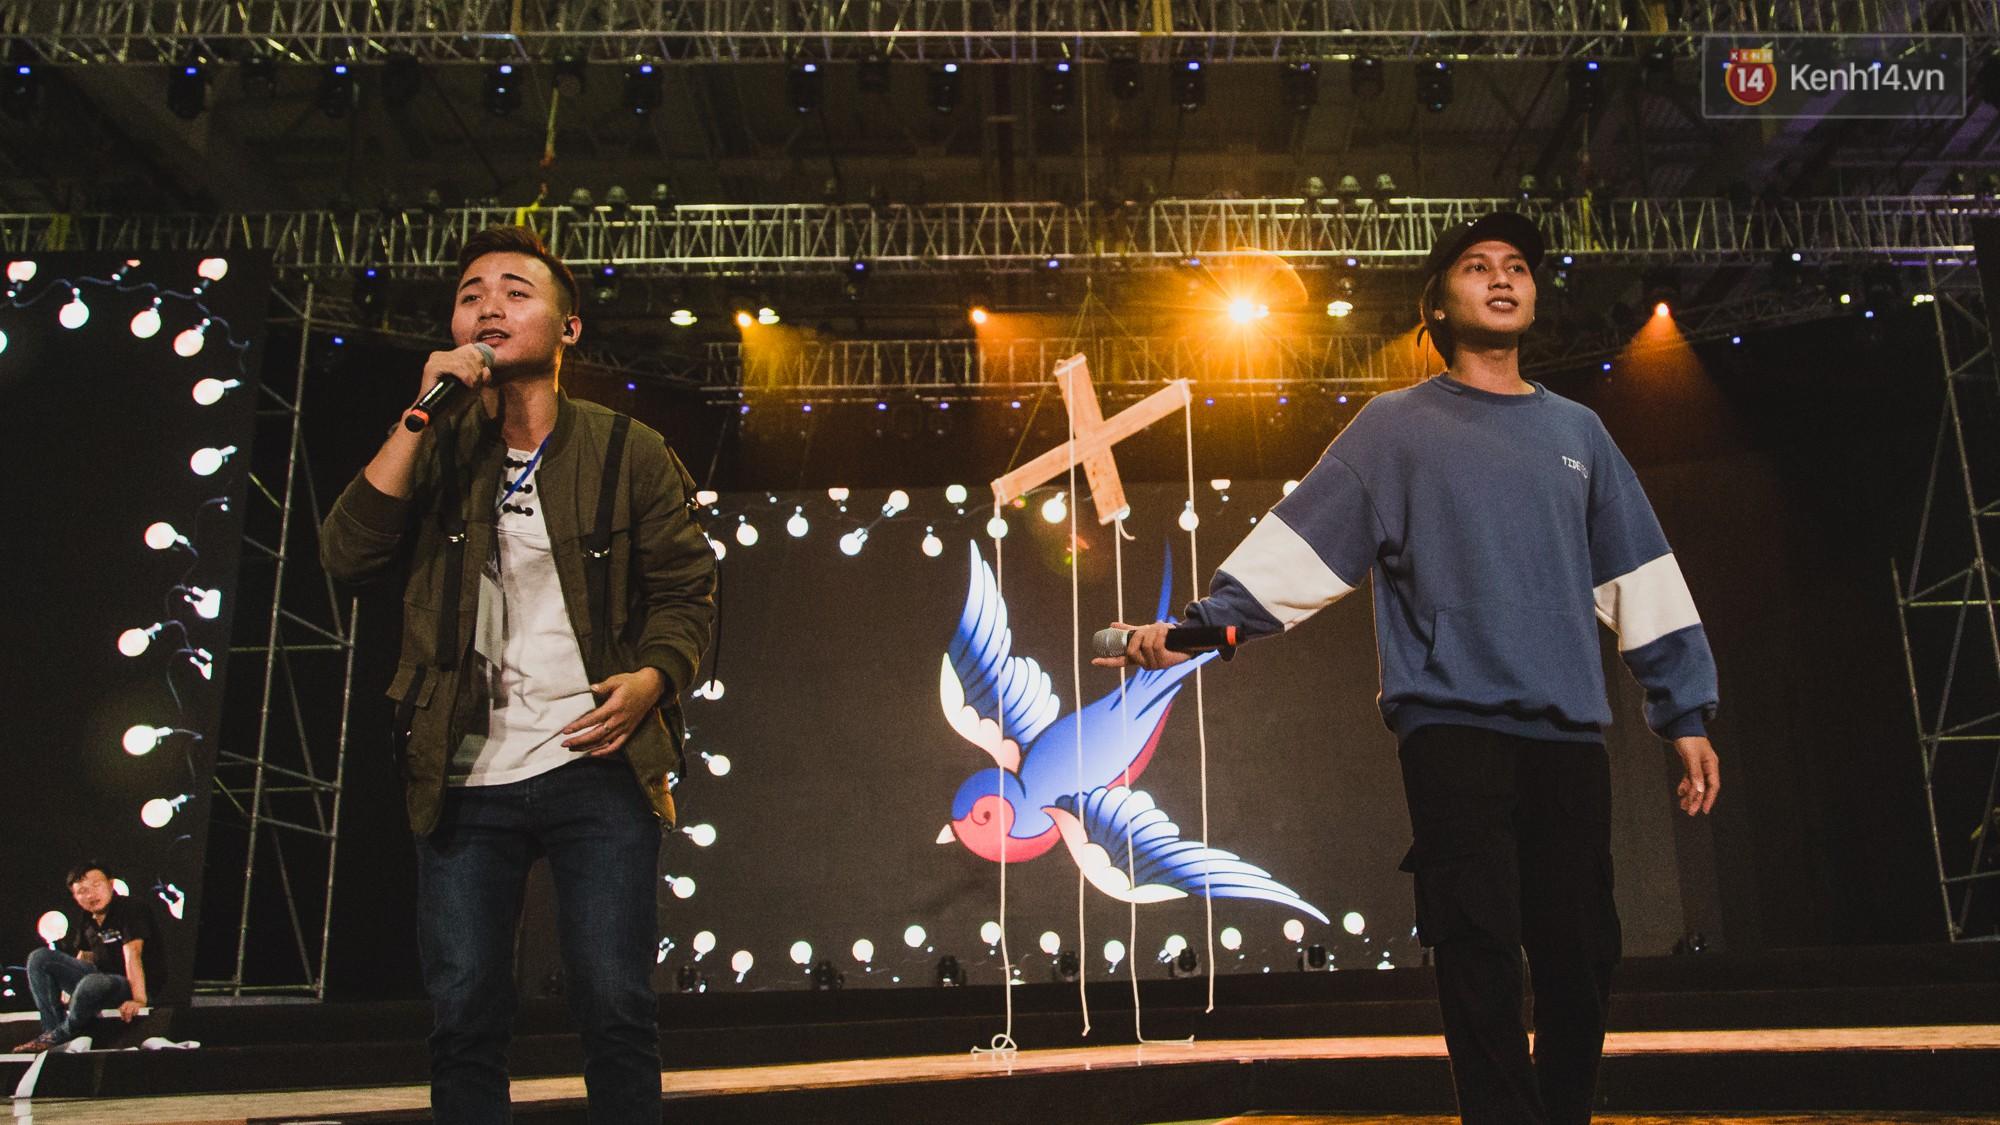 BinZ, Andree, Kimmese xuất hiện cực ngầu, cùng dàn nghệ sĩ tổng duyệt lần cuối sát giờ G Gala WeChoice - Ảnh 9.